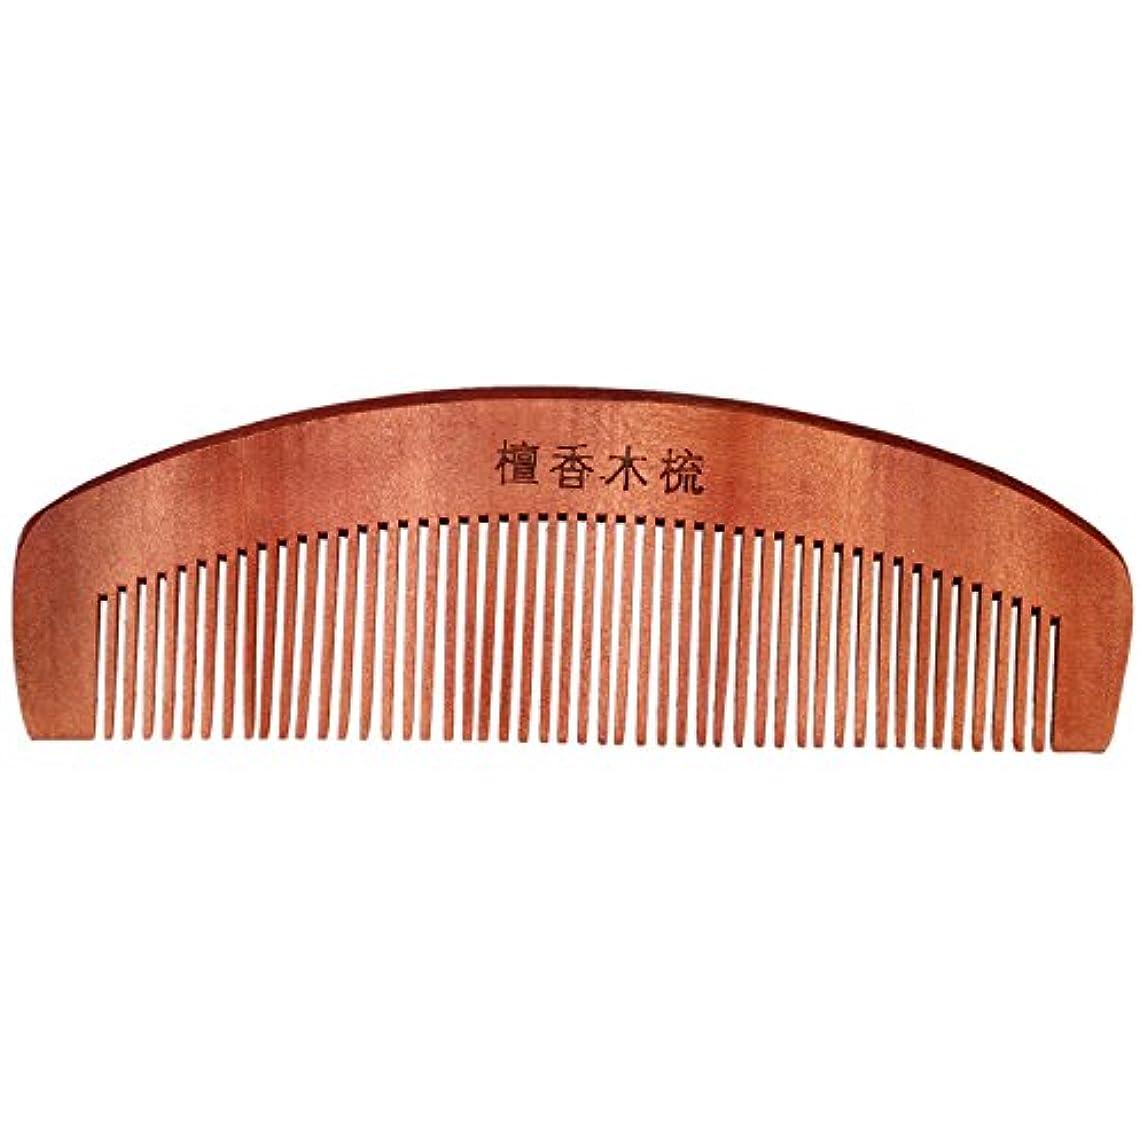 テザーラッドヤードキップリング型くし,SODIAL(R)コーヒー色の香りの良い天然木木製の髪ケア理髪くし5.7